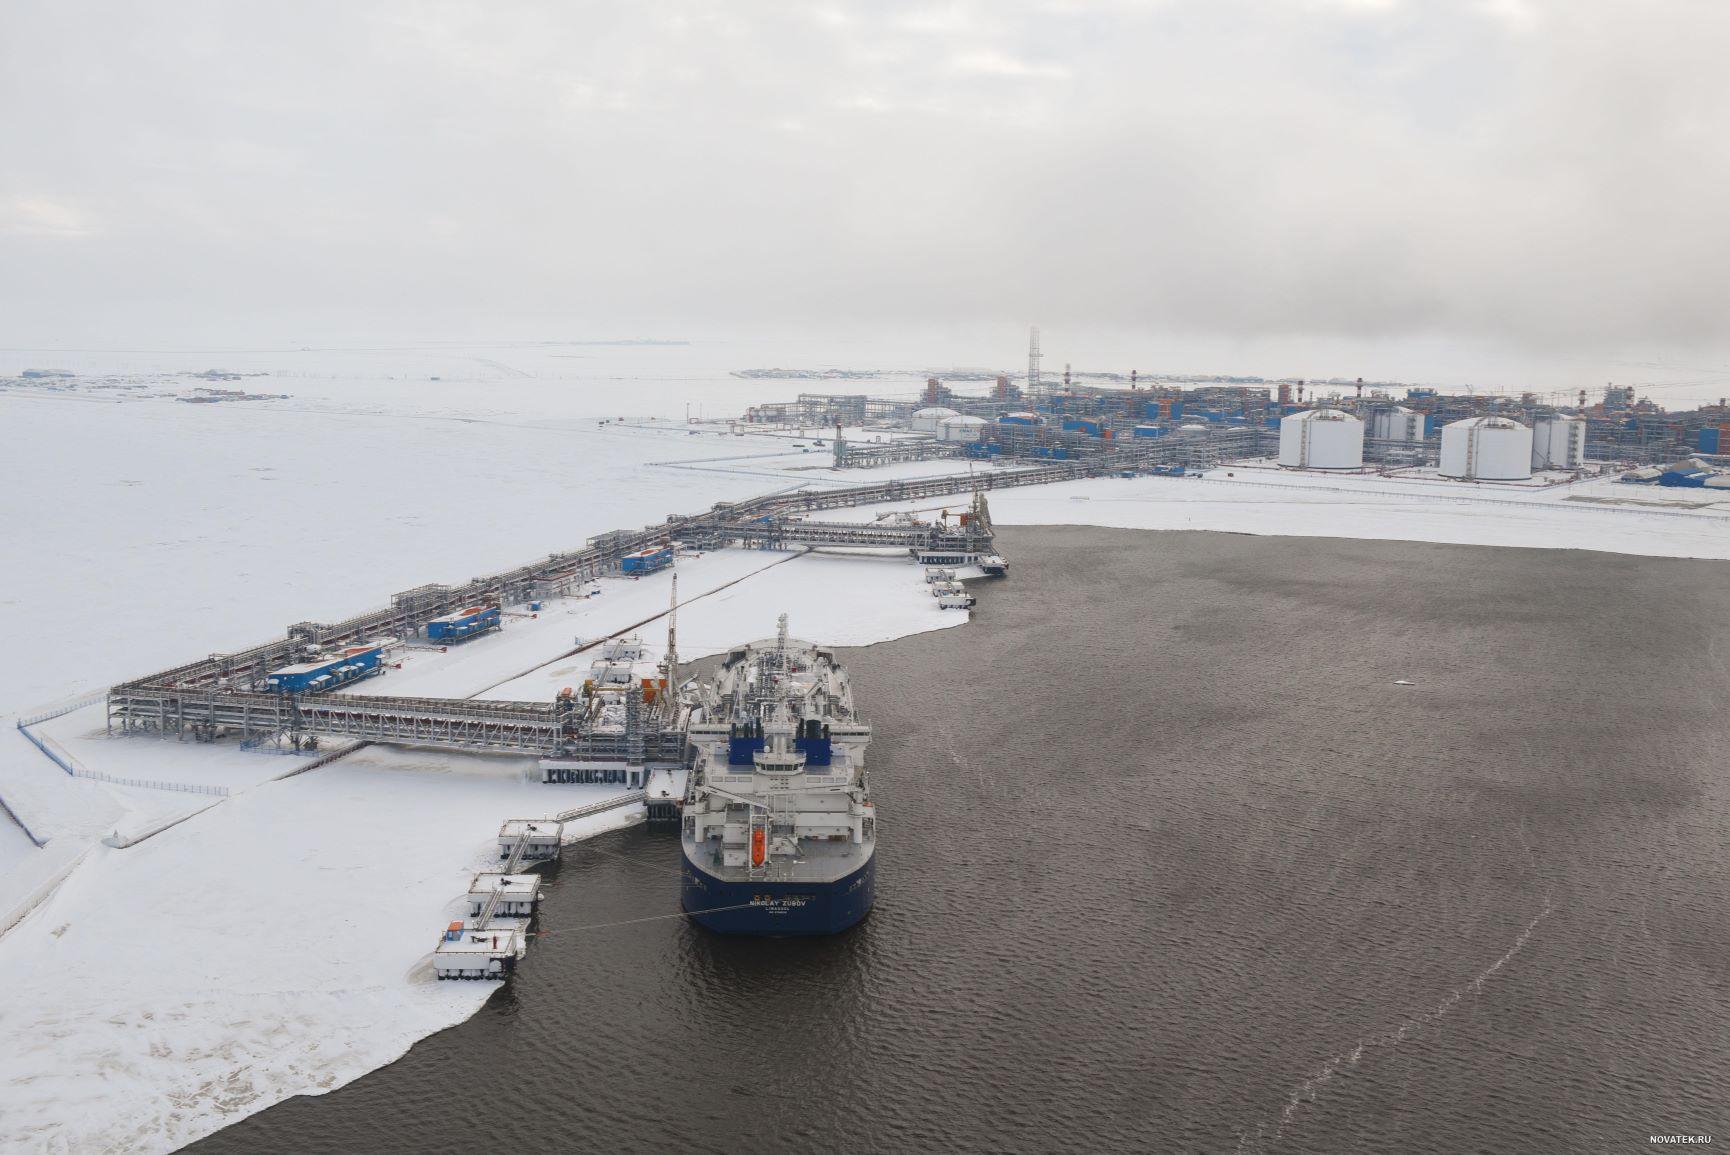 Yamal LNG tanker